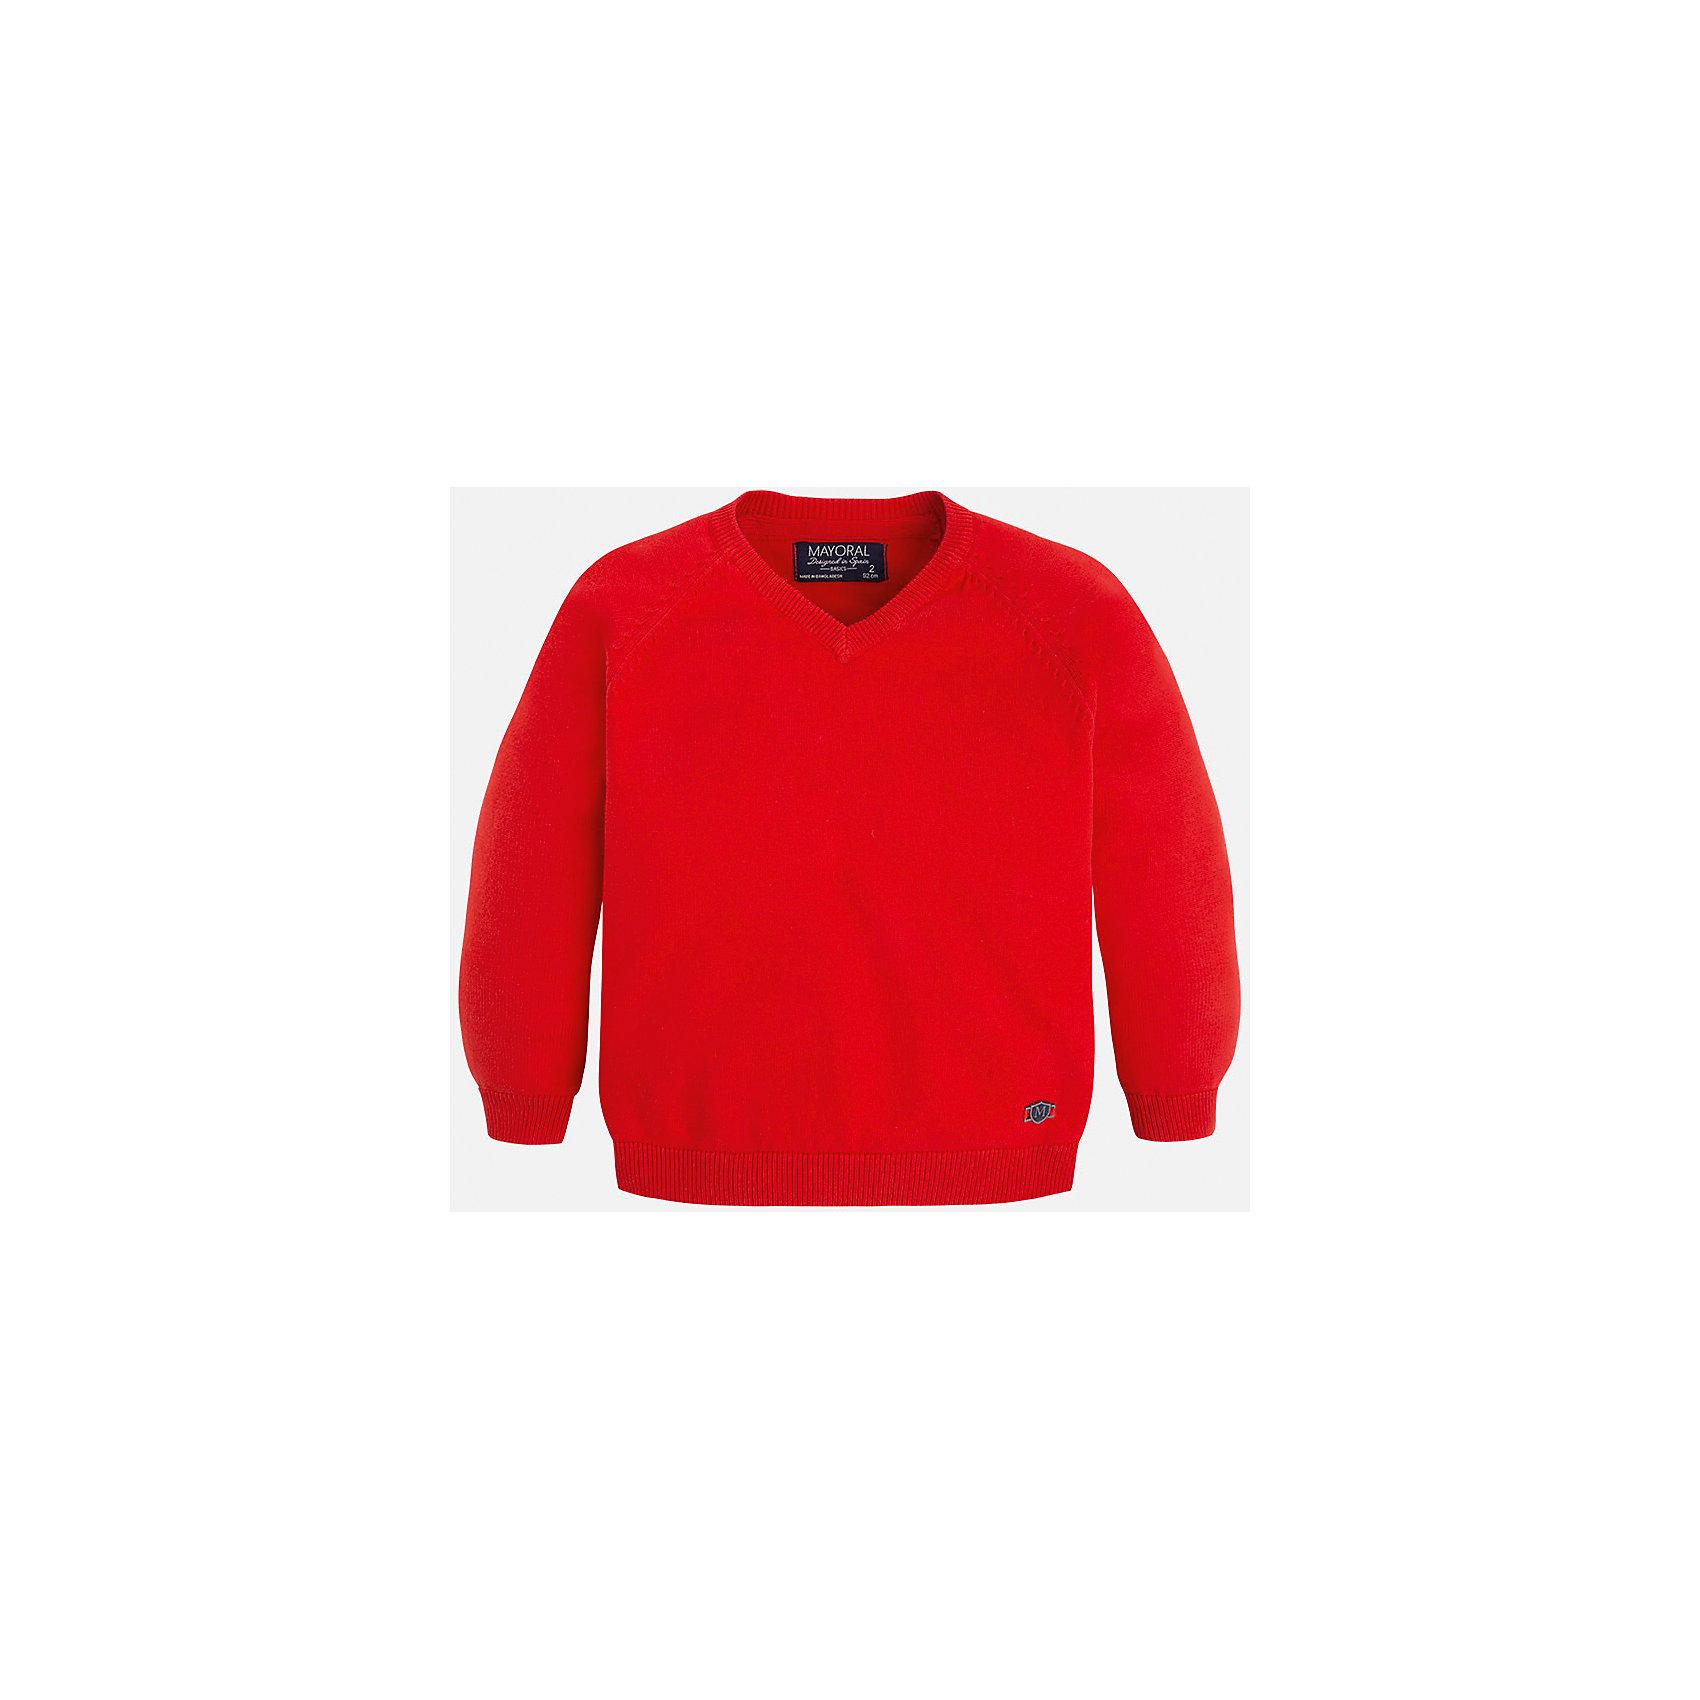 Свитер для мальчика MayoralСвитера и кардиганы<br>Стильный свитер для настоящего джентльмена с V- образным вырезом! У свитера классический крой и красивый вырез, поэтому его можно комбинировать с разными вещими и носить в любой сезон.<br><br>Дополнительная информация:<br><br>- Прямой крой,V- образный вырез. <br>- Страна бренда: Испания.<br>- Состав: хлопок 100%<br>- Цвет: красный.<br>- Уход: бережная стирка при 30 градусах.<br><br>Купить свитер для мальчика Mayoral можно в нашем магазине.<br><br>Ширина мм: 190<br>Глубина мм: 74<br>Высота мм: 229<br>Вес г: 236<br>Цвет: коричневый<br>Возраст от месяцев: 108<br>Возраст до месяцев: 120<br>Пол: Мужской<br>Возраст: Детский<br>Размер: 134,122,128,116,110,104,98<br>SKU: 4821695